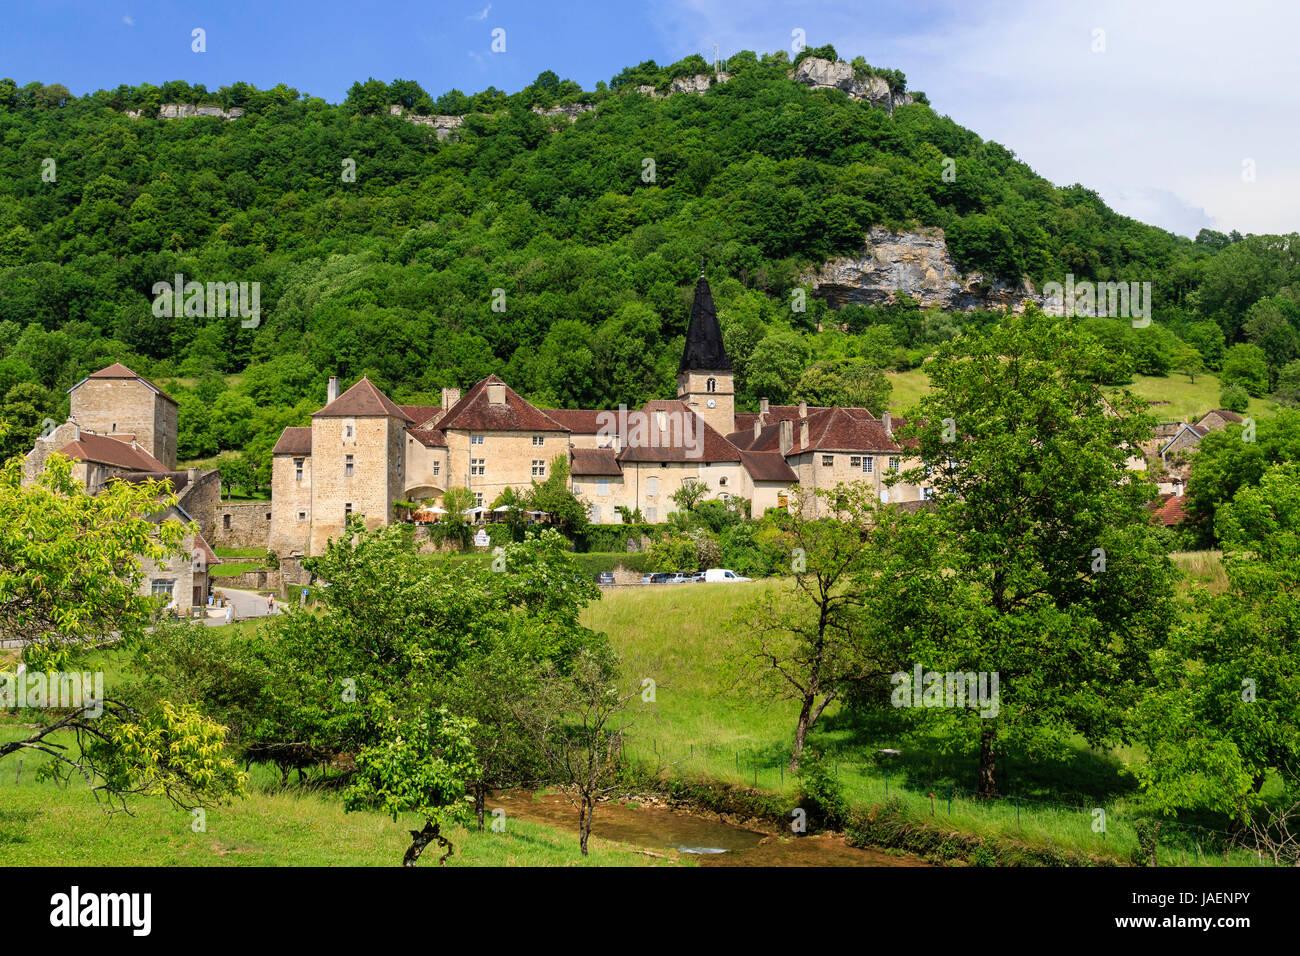 France, Jura, Baume les Messieurs, labelled Les Plus Beaux Villages de France (The Most beautiful Villages of France), Stock Photo